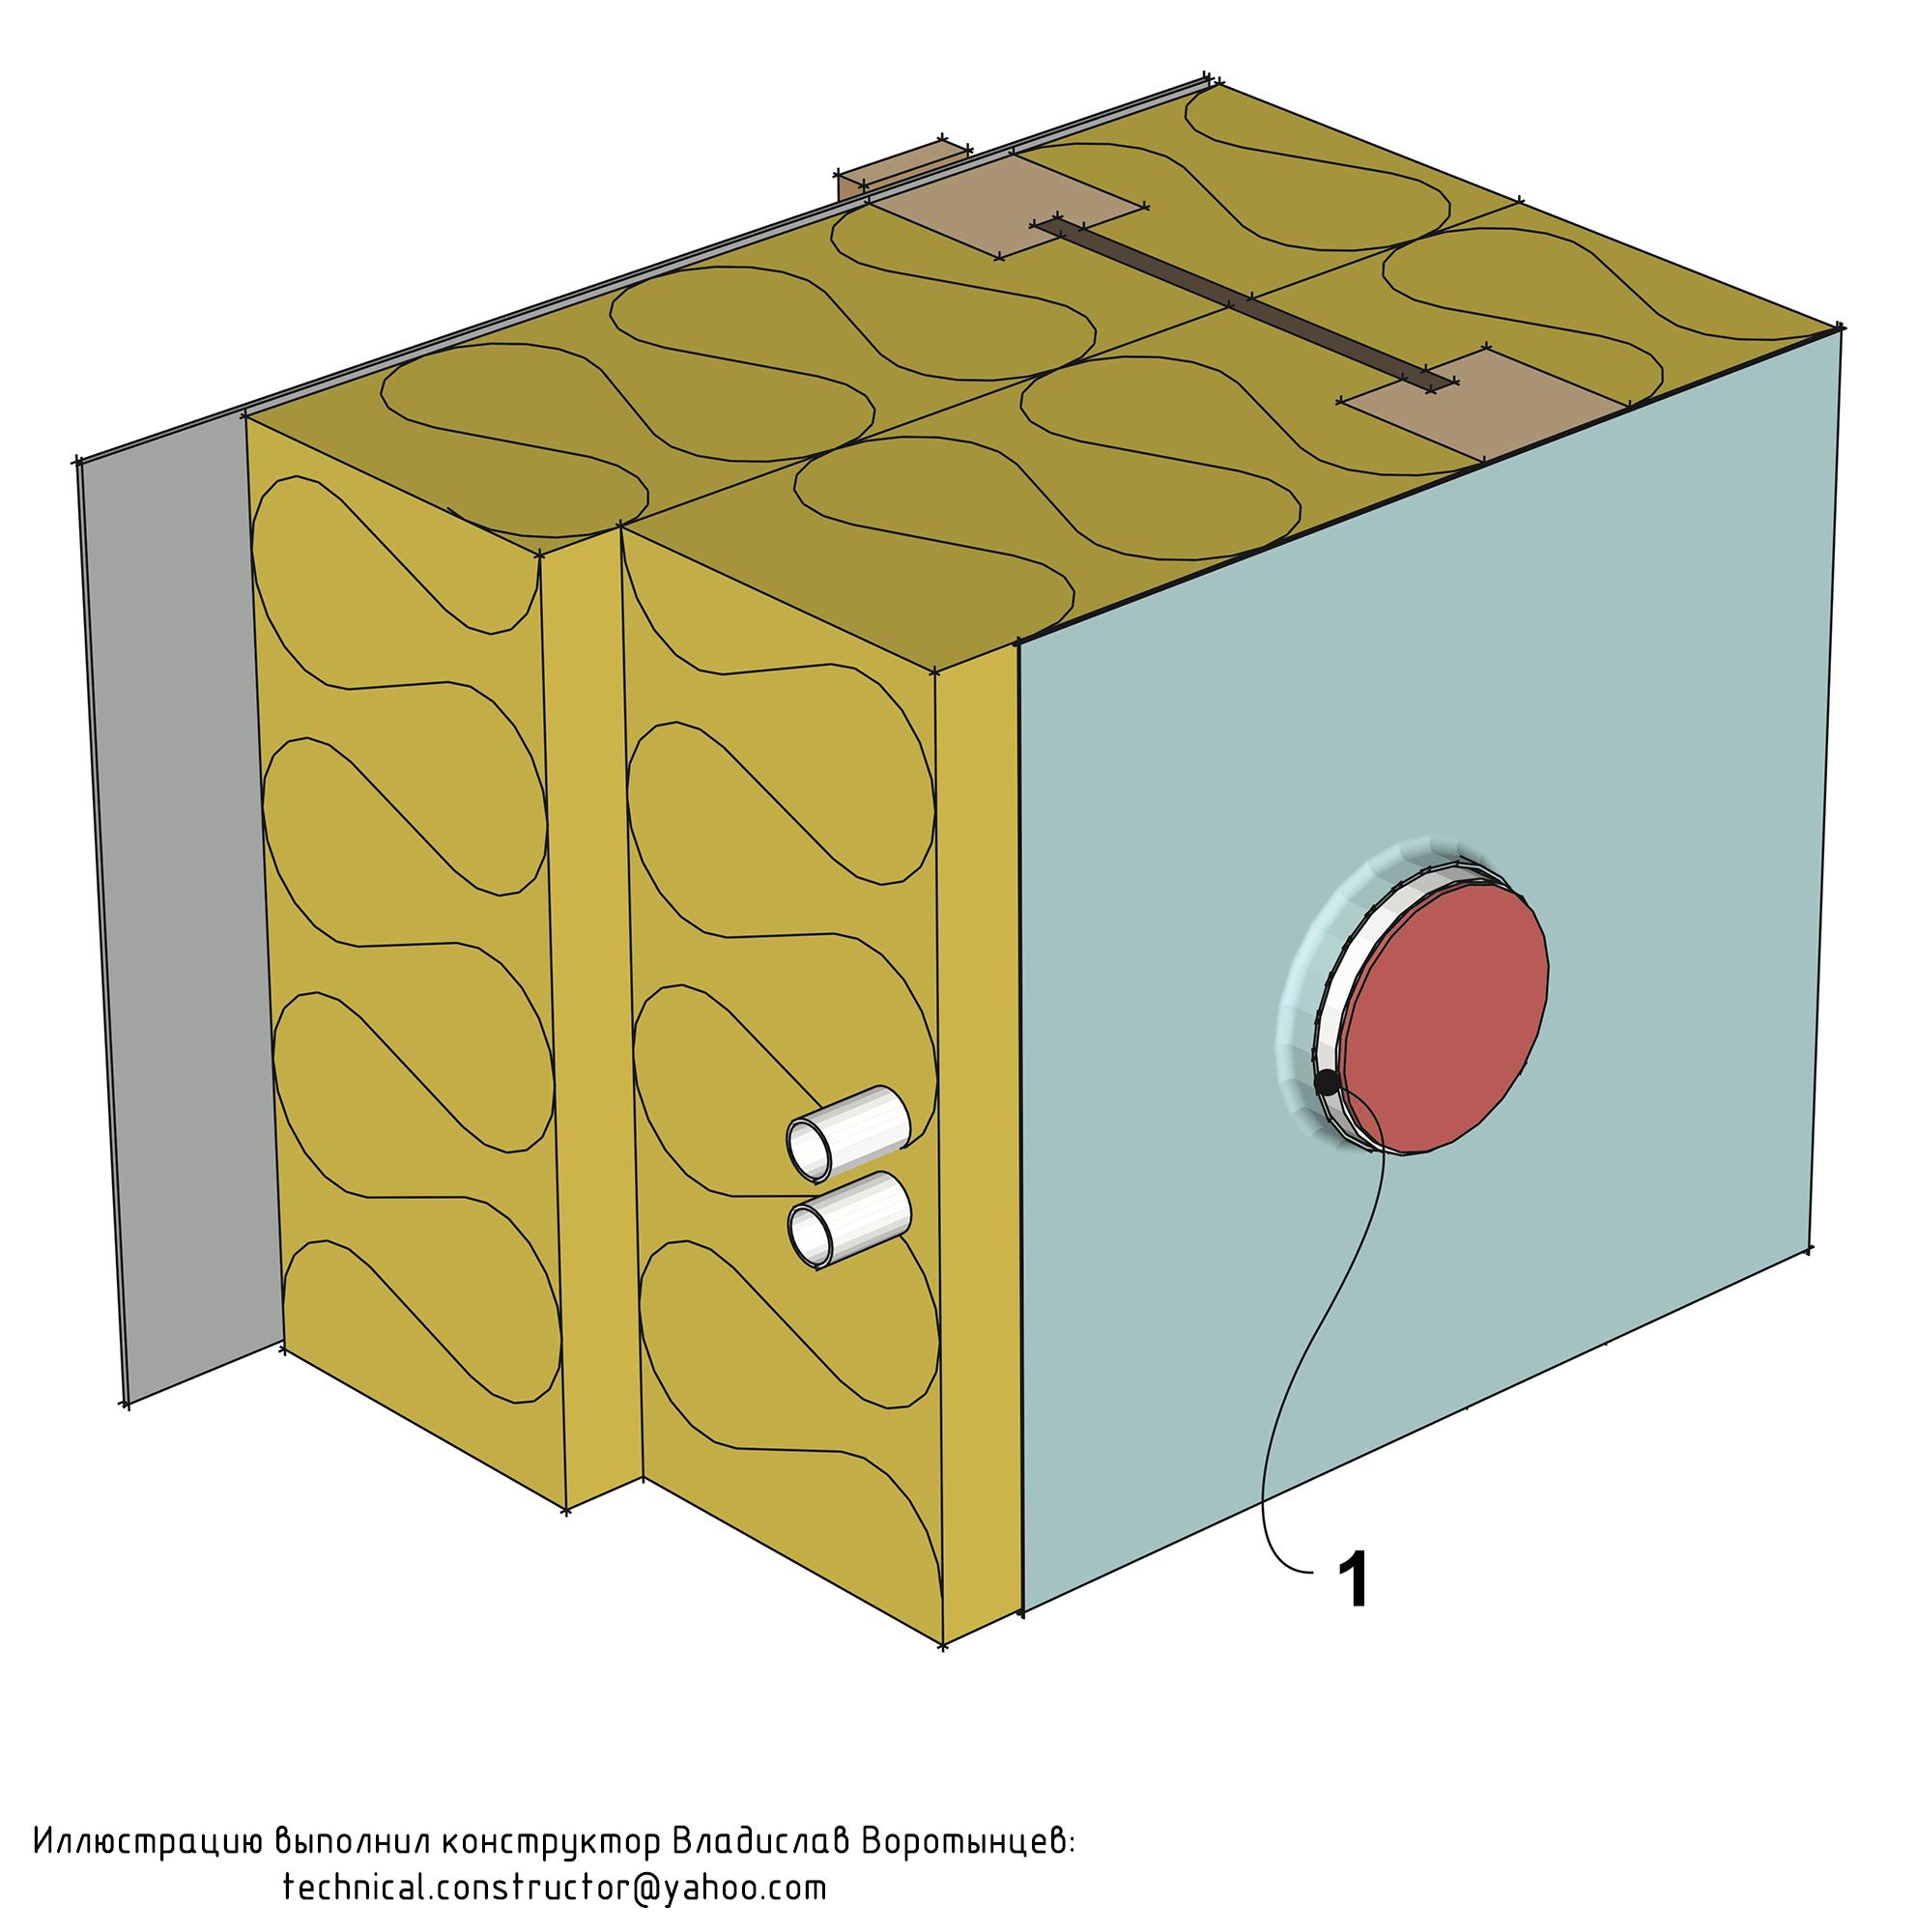 Пароизоляция стены должна плотно облегать электрическую распределительную коробку